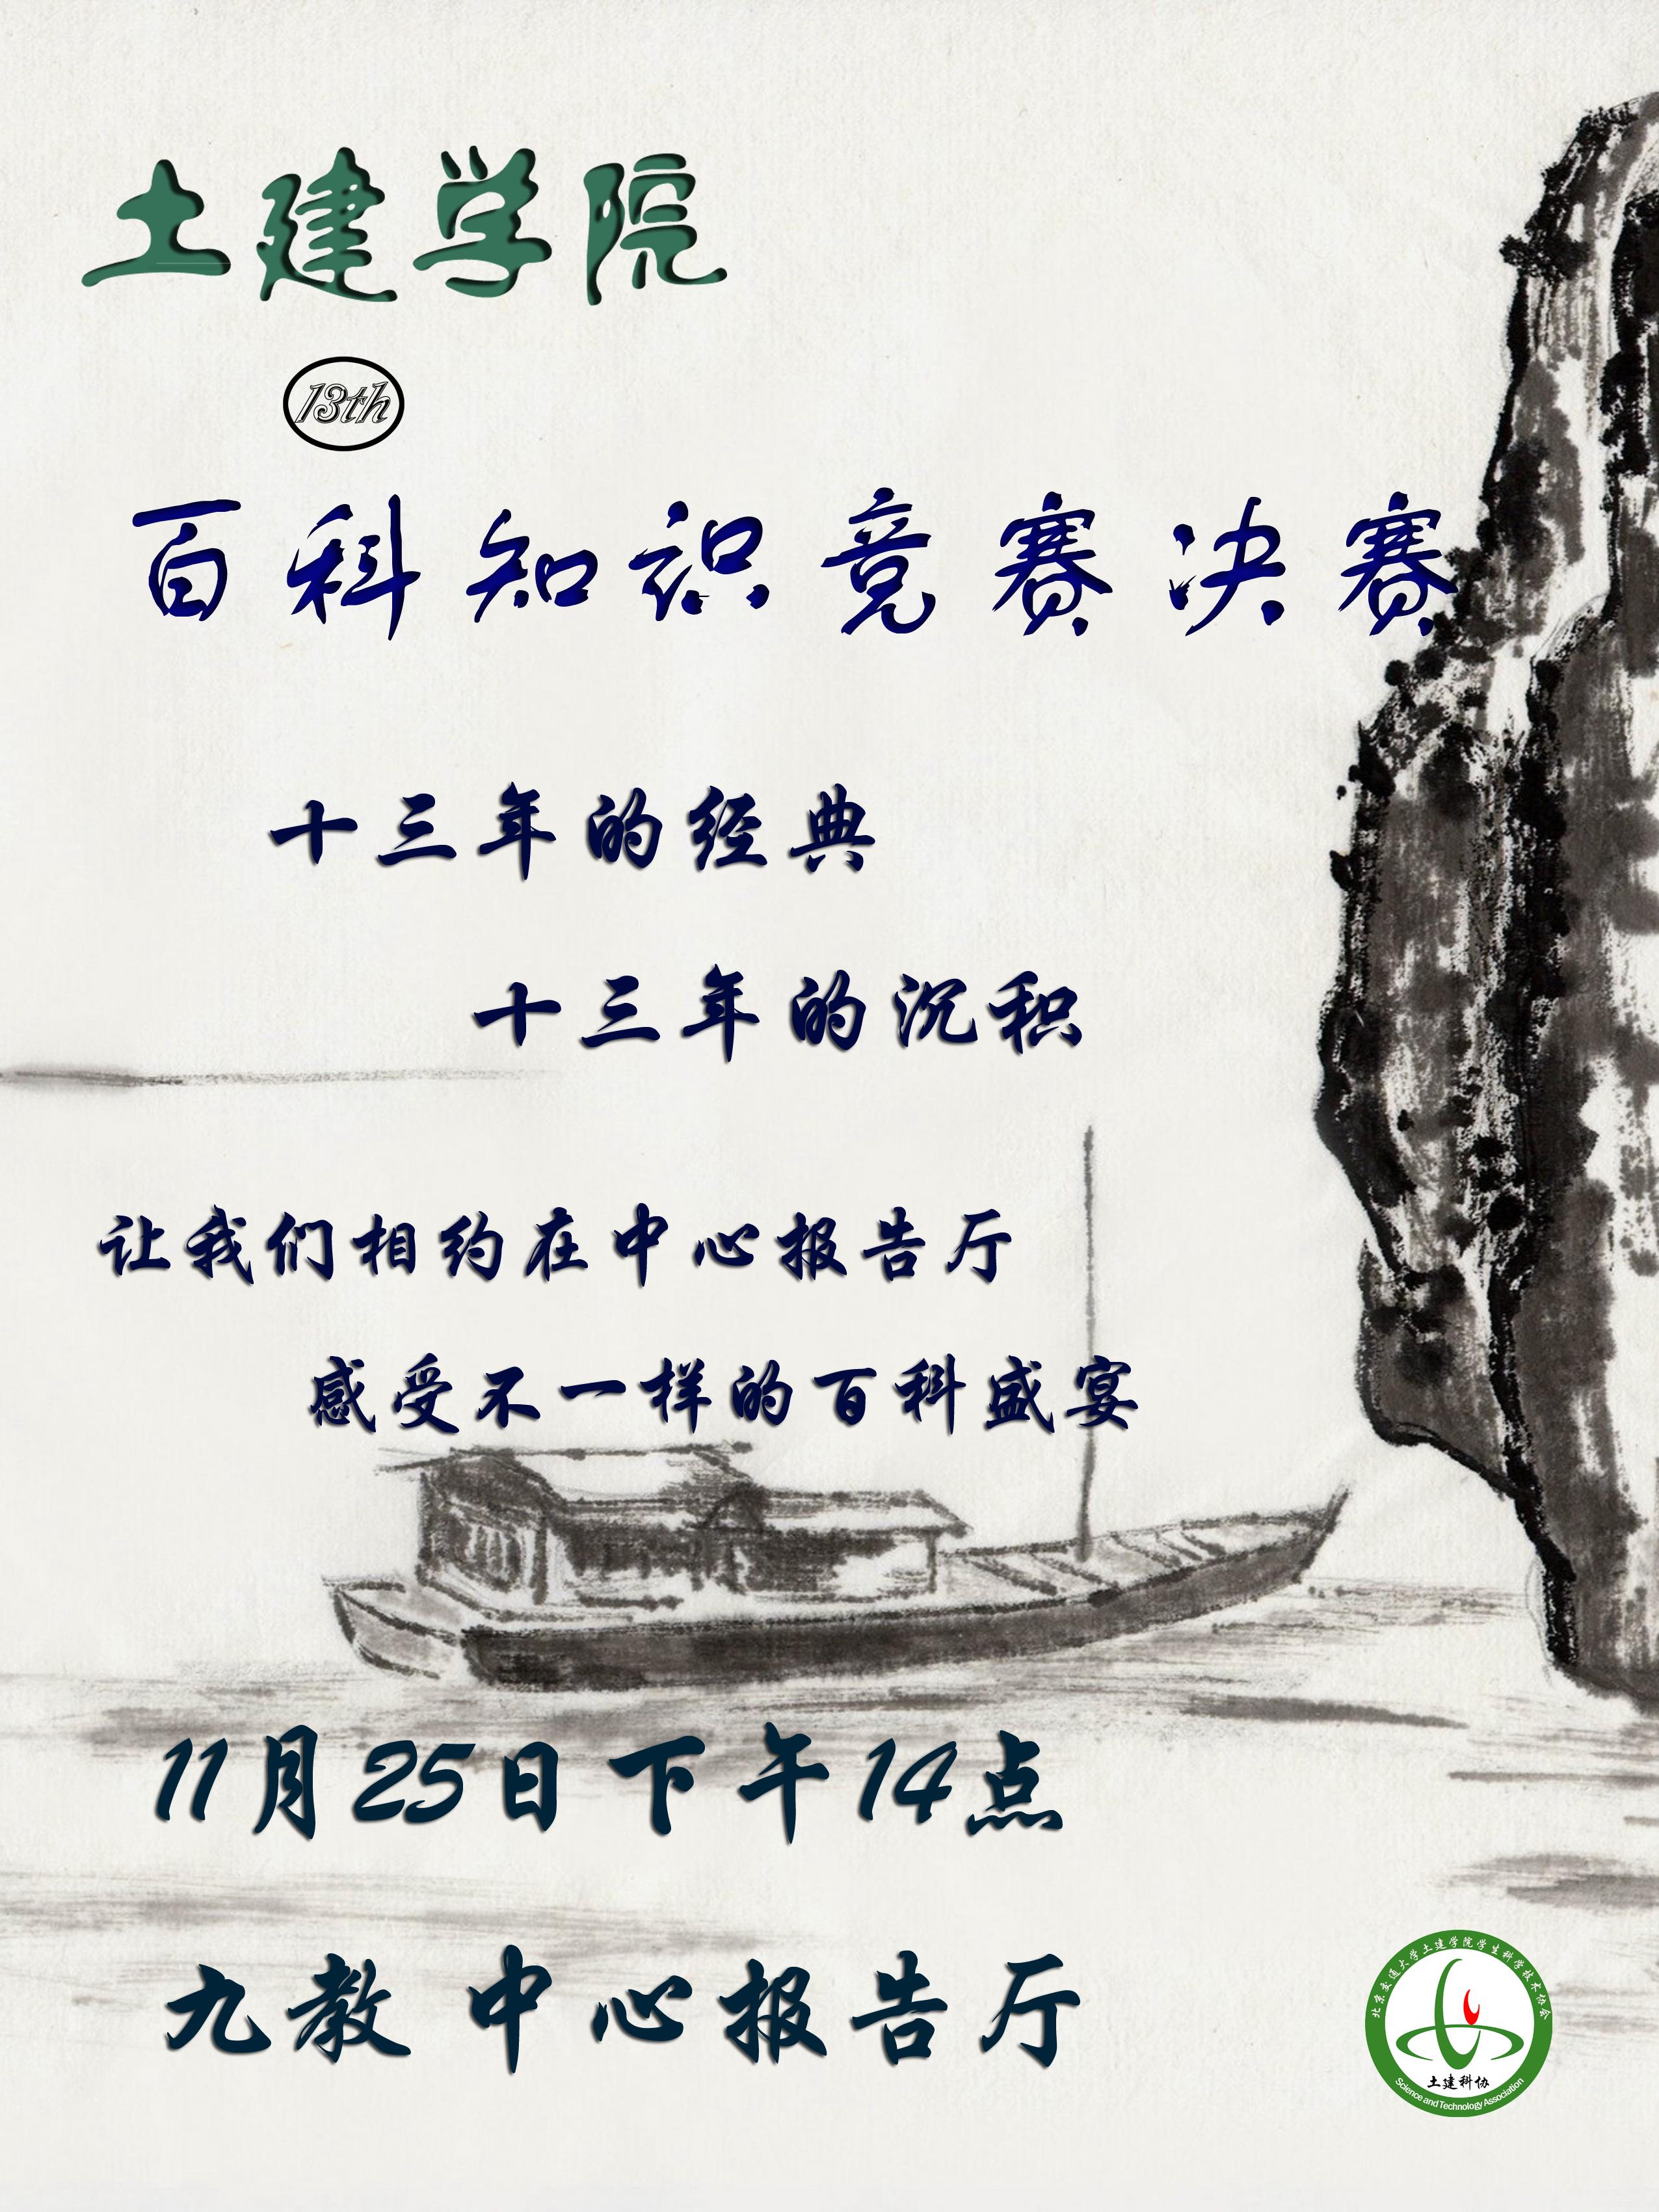 百科知识竞赛决赛宣传海报1